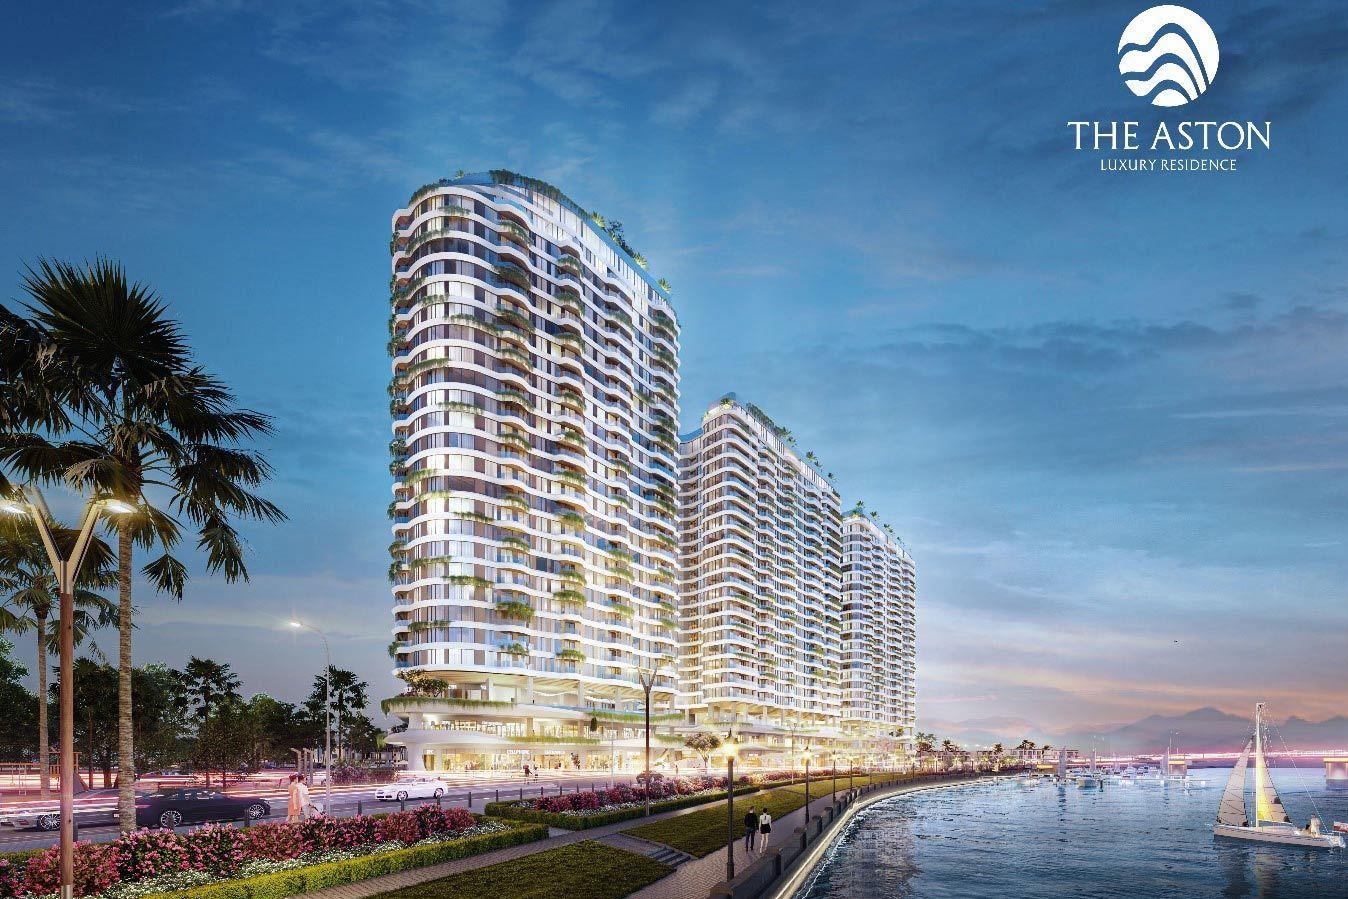 The Aston Luxury Residence 'hâm nóng' bất động sản Nha Trang